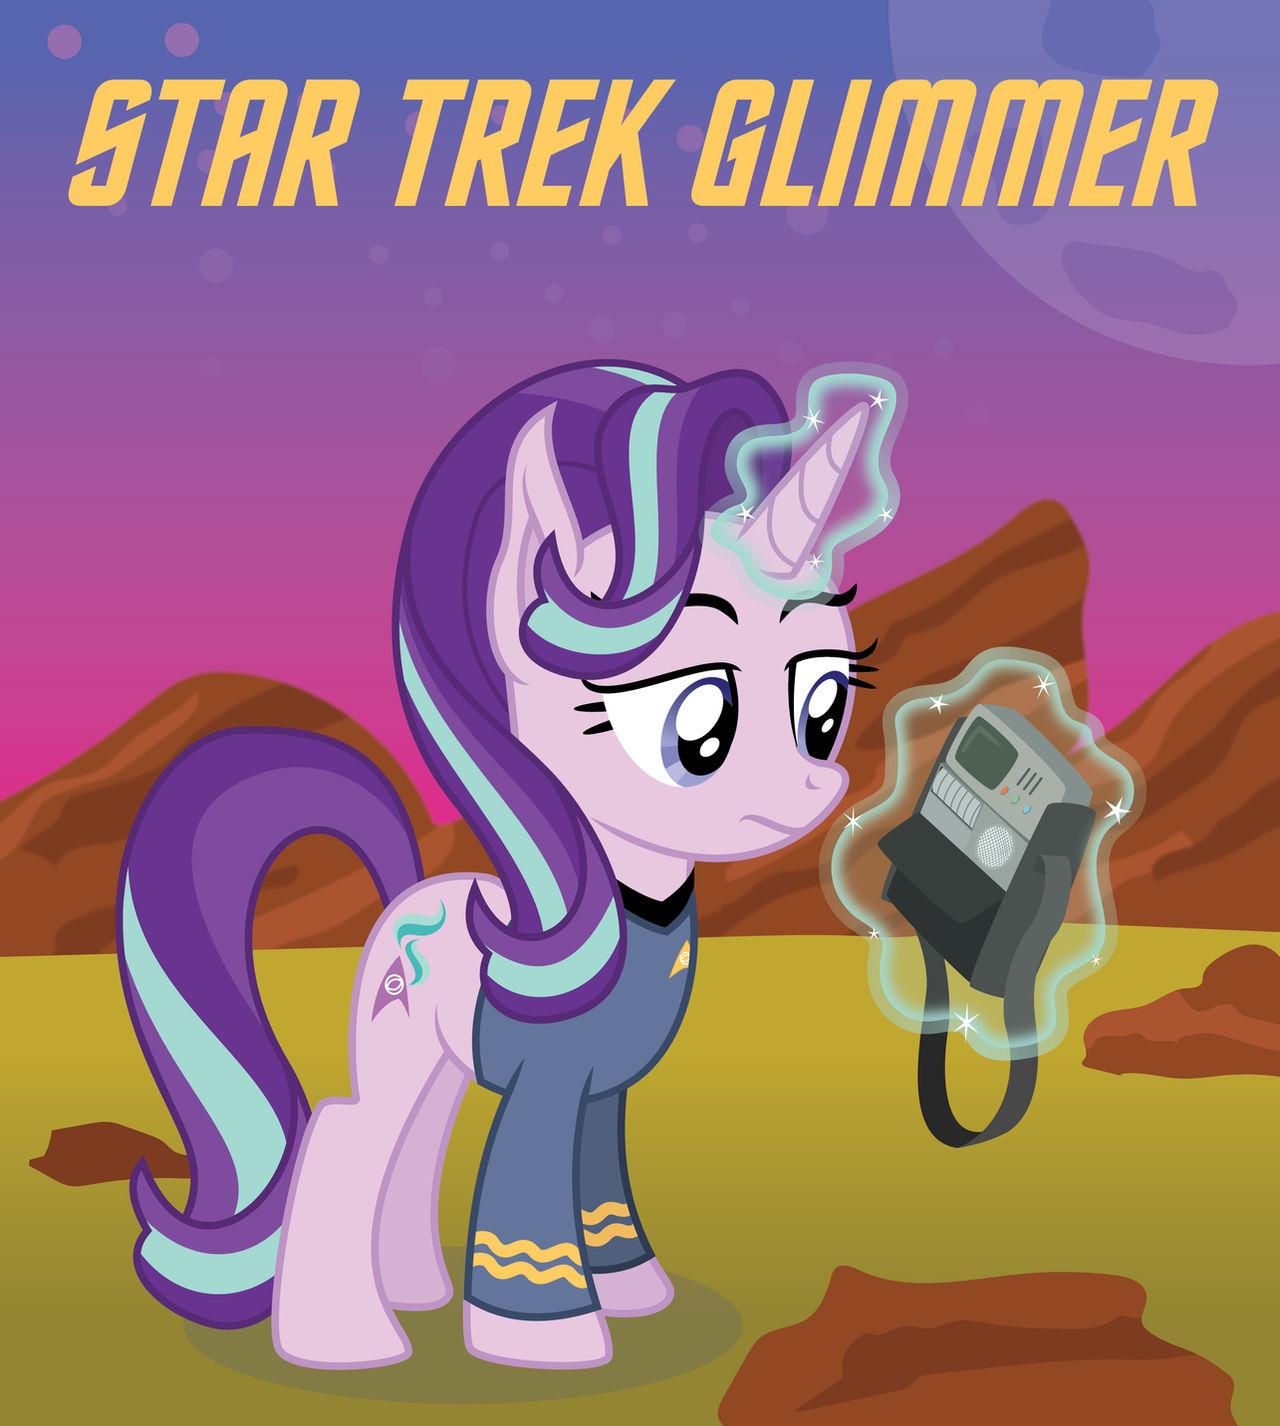 Star Trek Glimmer